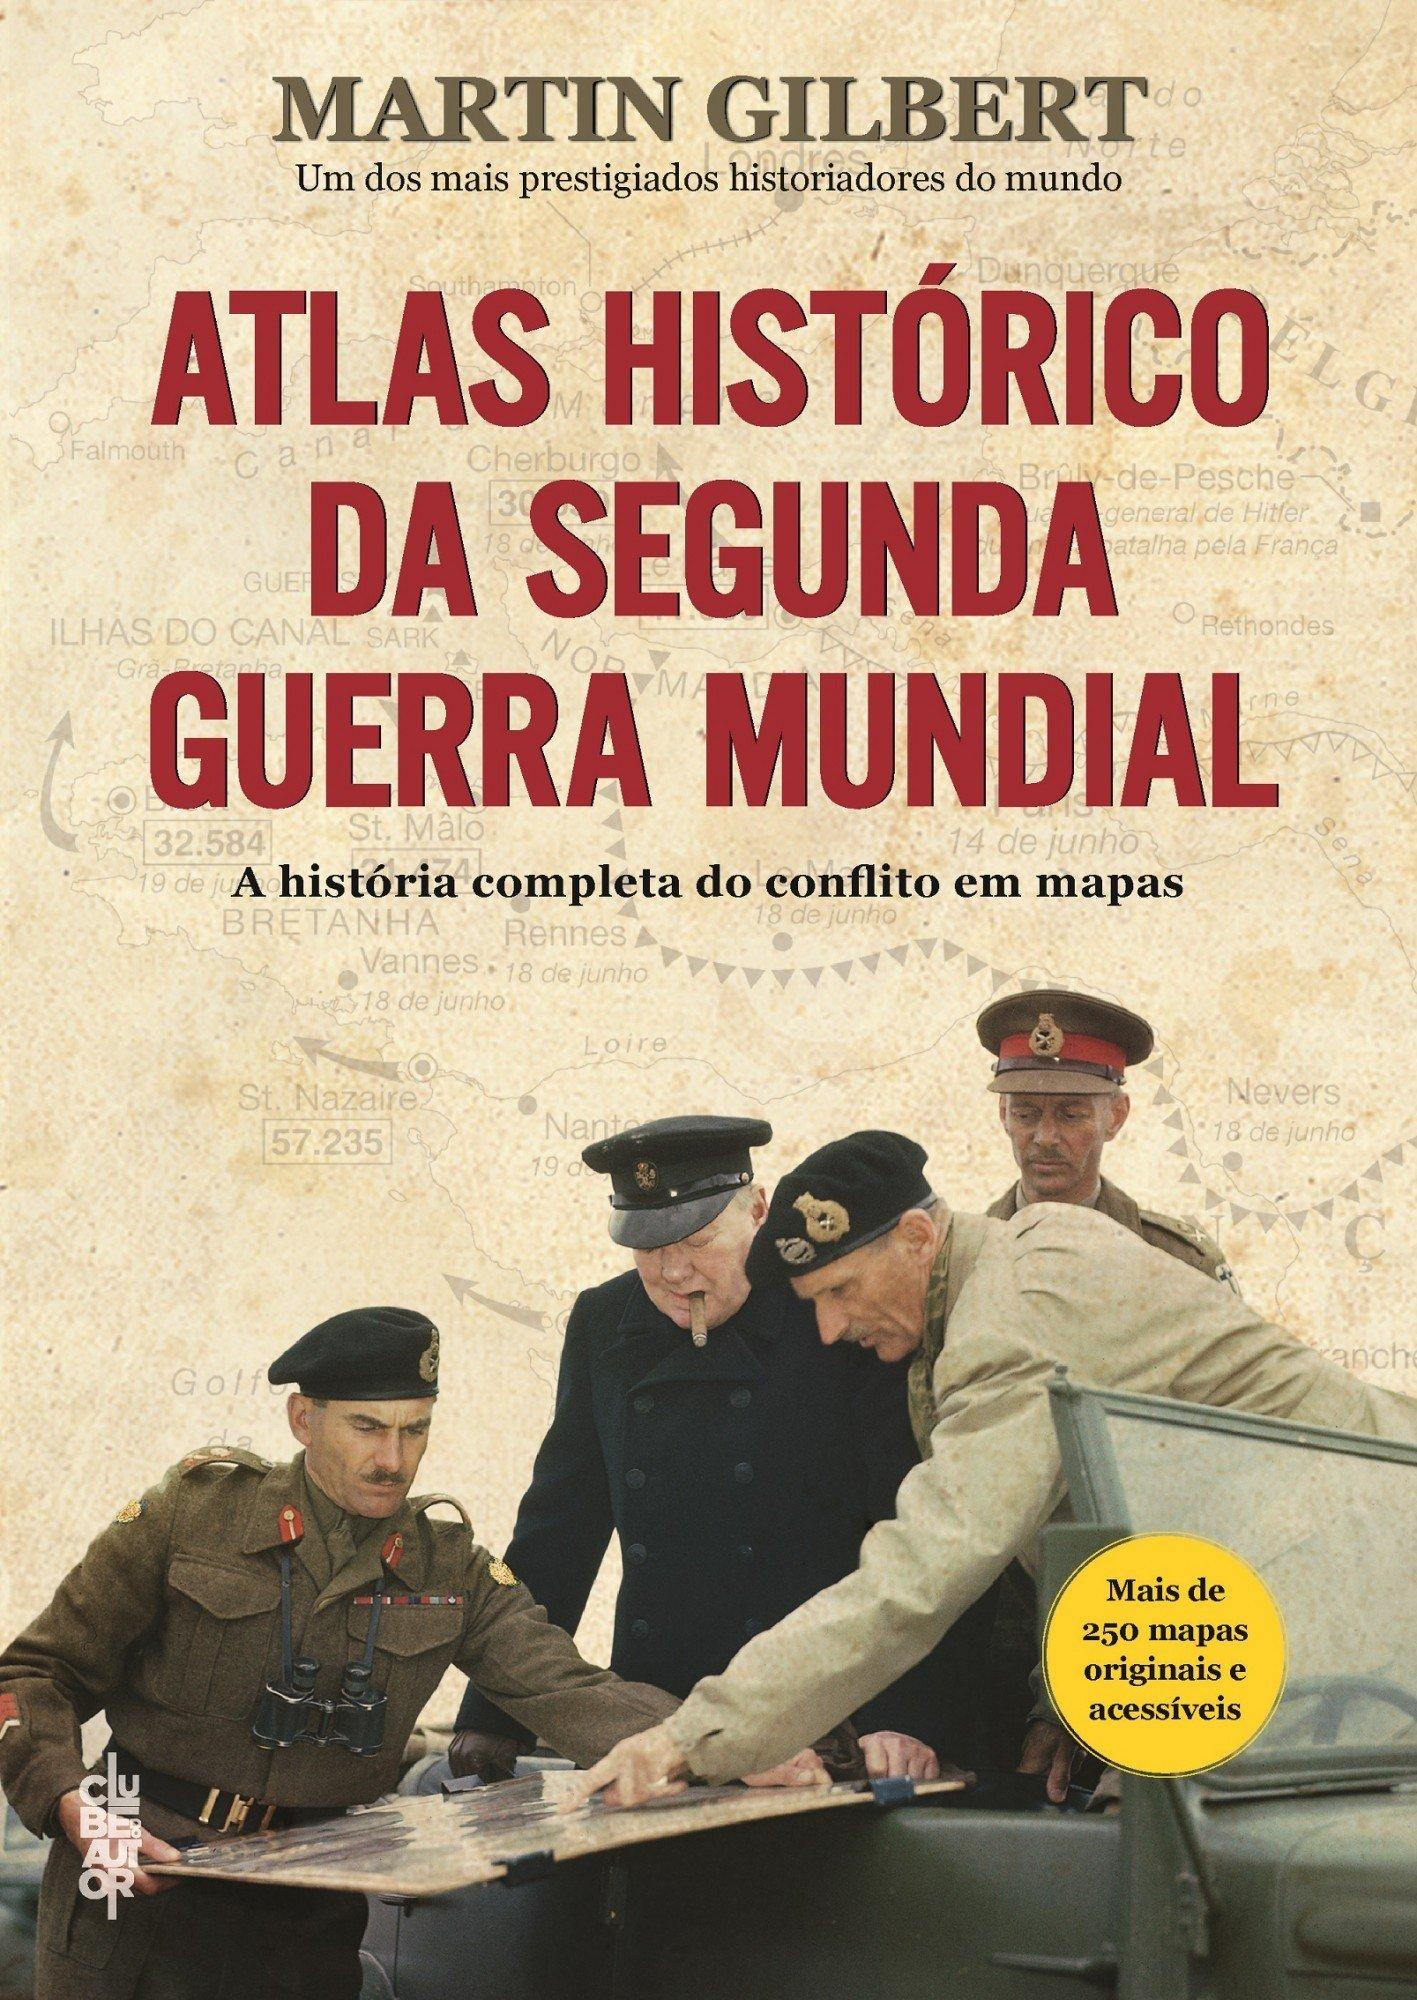 Atlas histórico da segunda guerra mundial